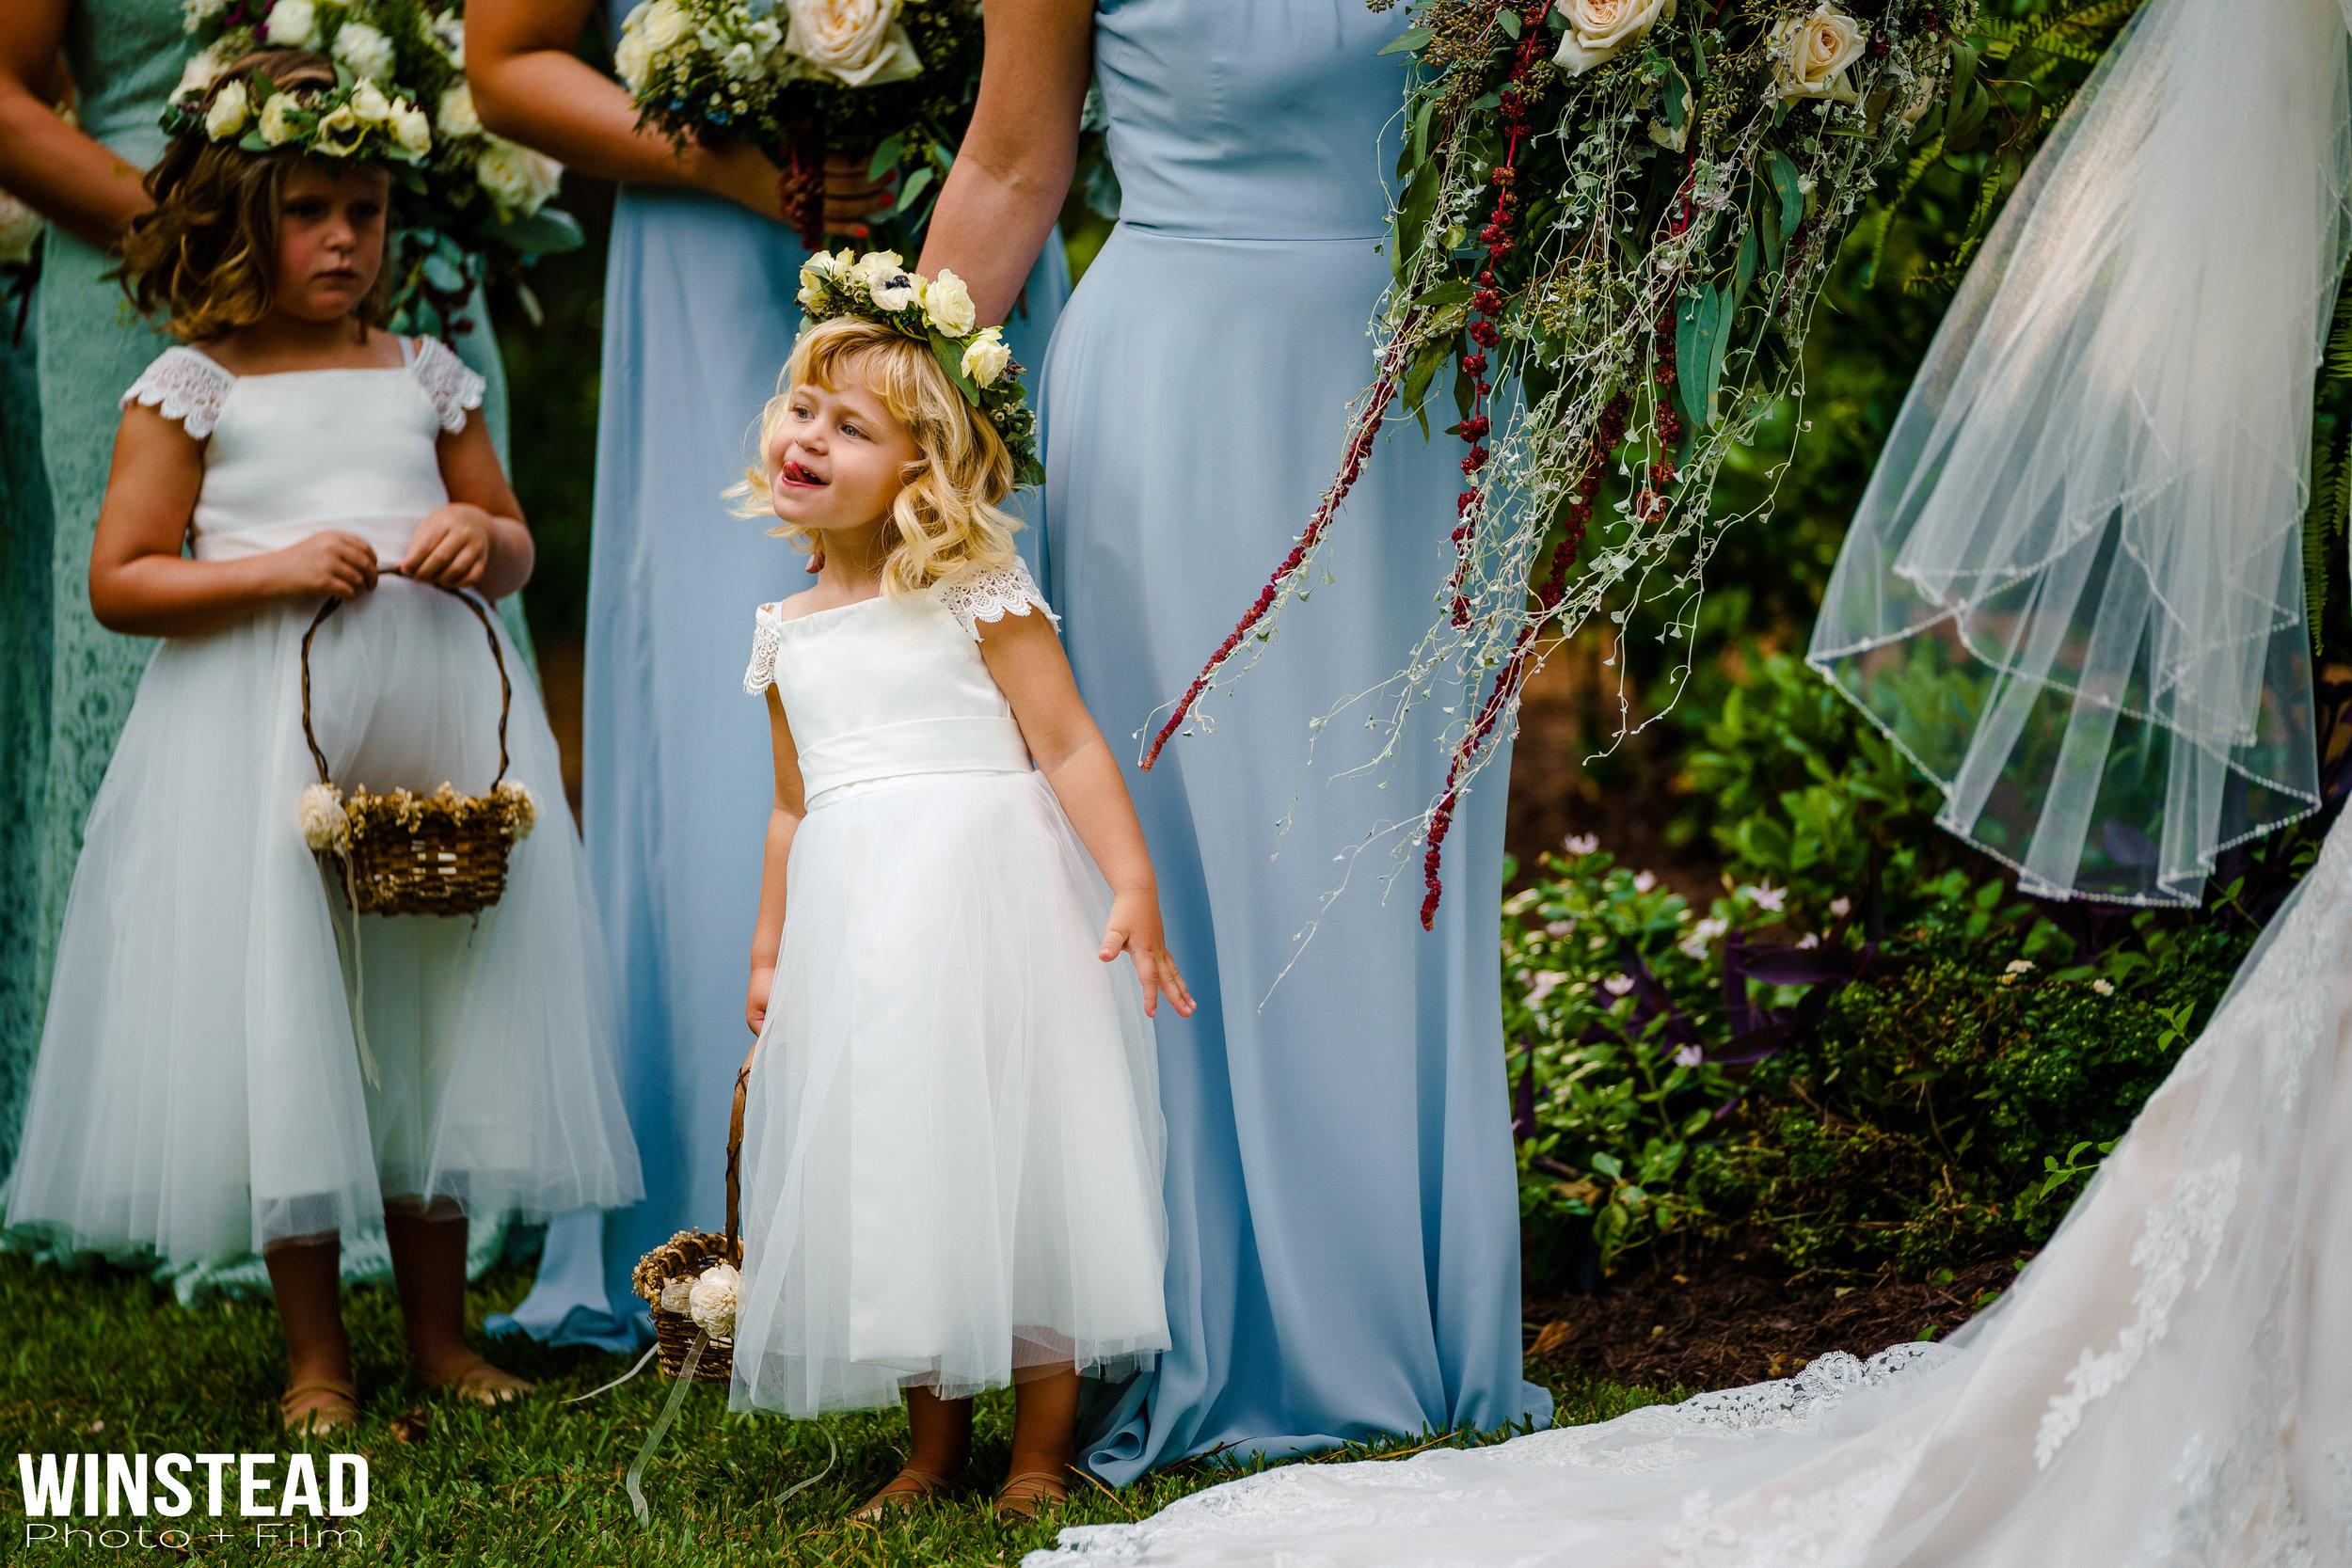 watson-house-emerald-isle-nc-wedding-024.jpg